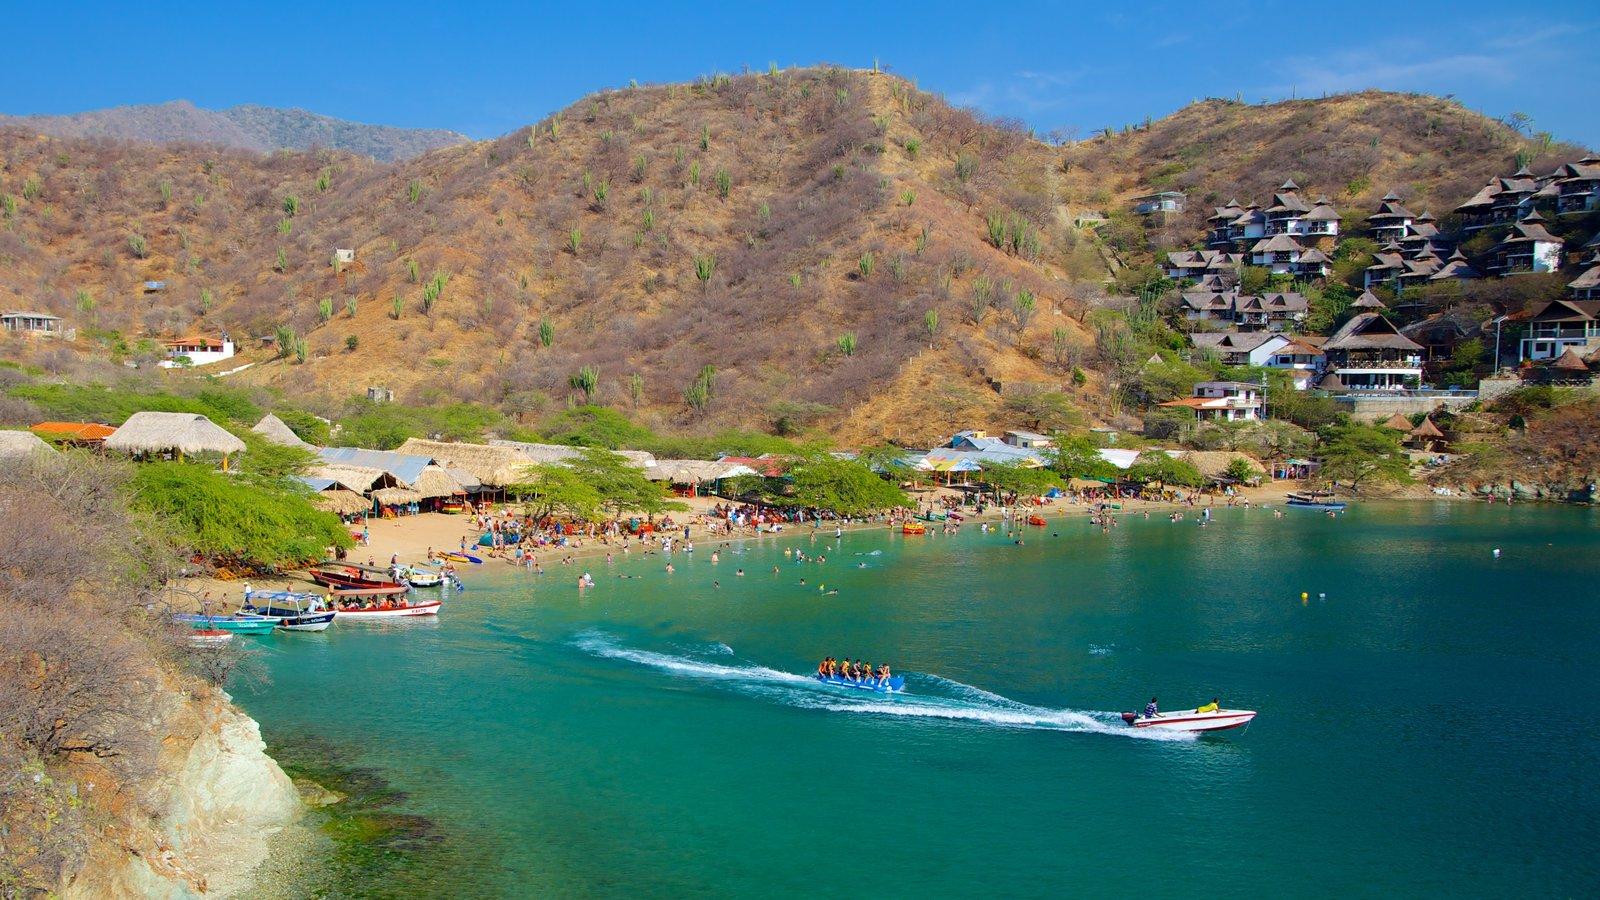 Praia Taganga caracterizando uma cidade litorânea, uma praia e paisagem